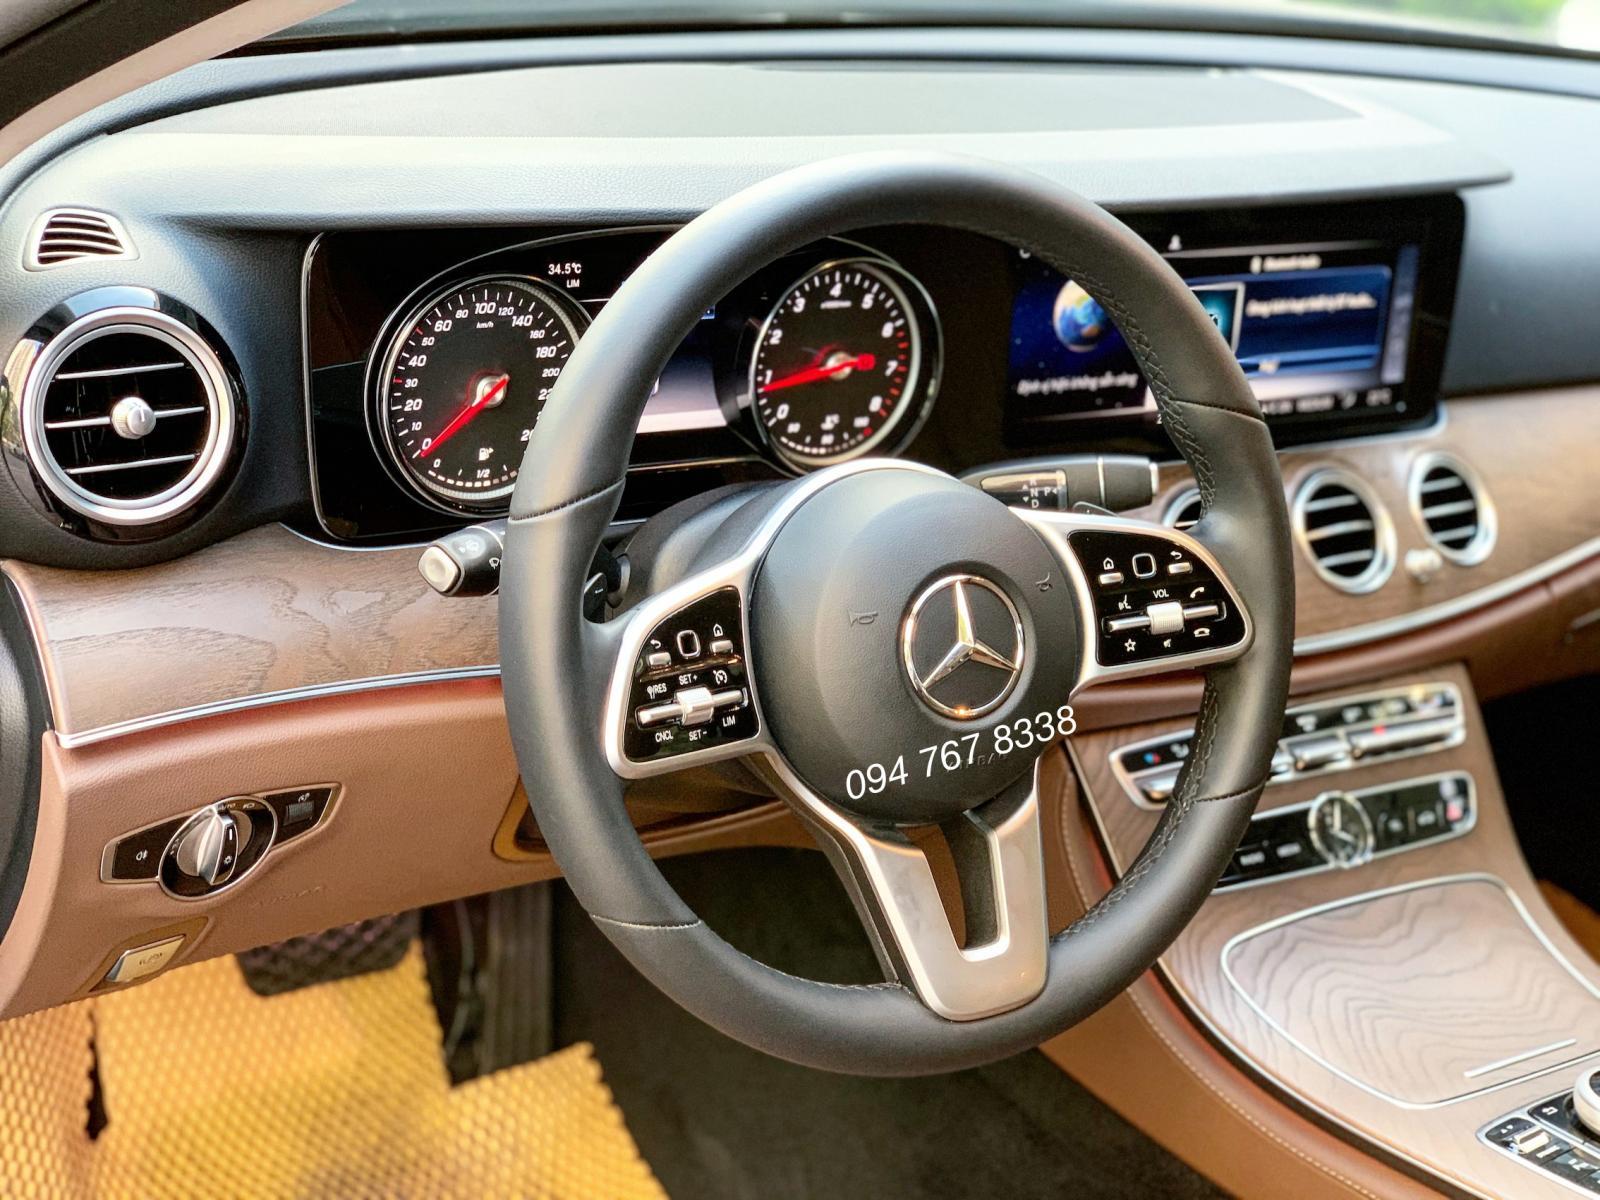 Bán Mercedes E200 sx 2019 màu Xanh giá tốt - Xe đã qua sử dụng chính hãng